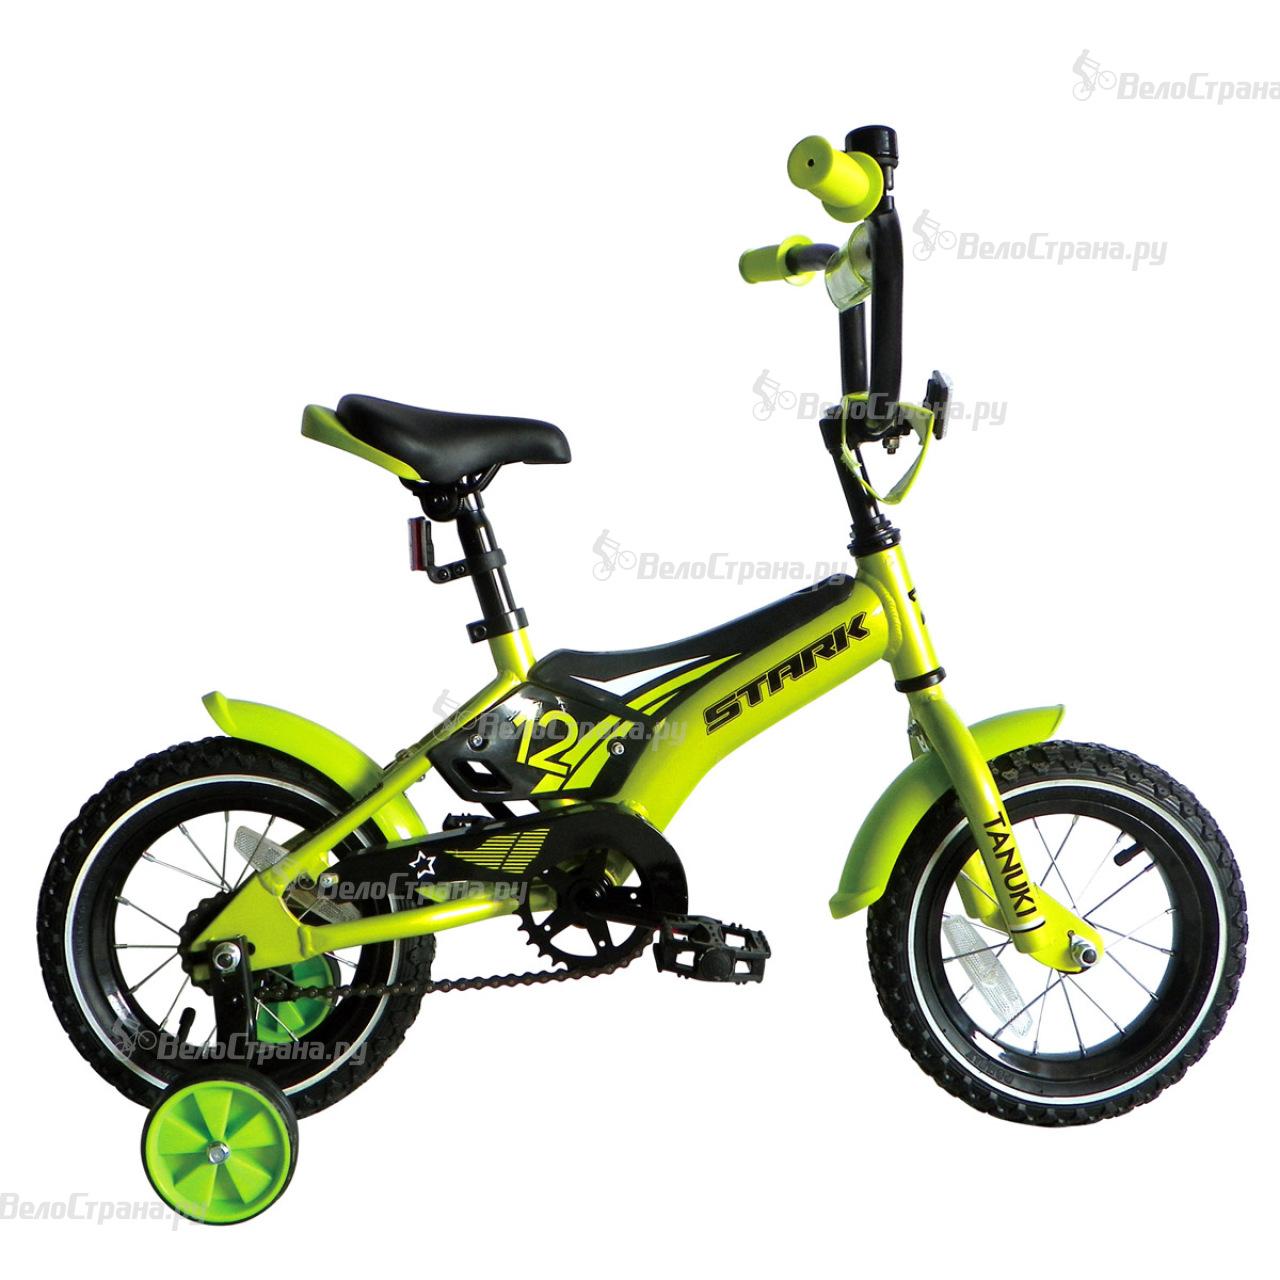 Велосипед Stark Tanuki 12 Boy (2017) велосипед stark tanuki 14 boy 2017